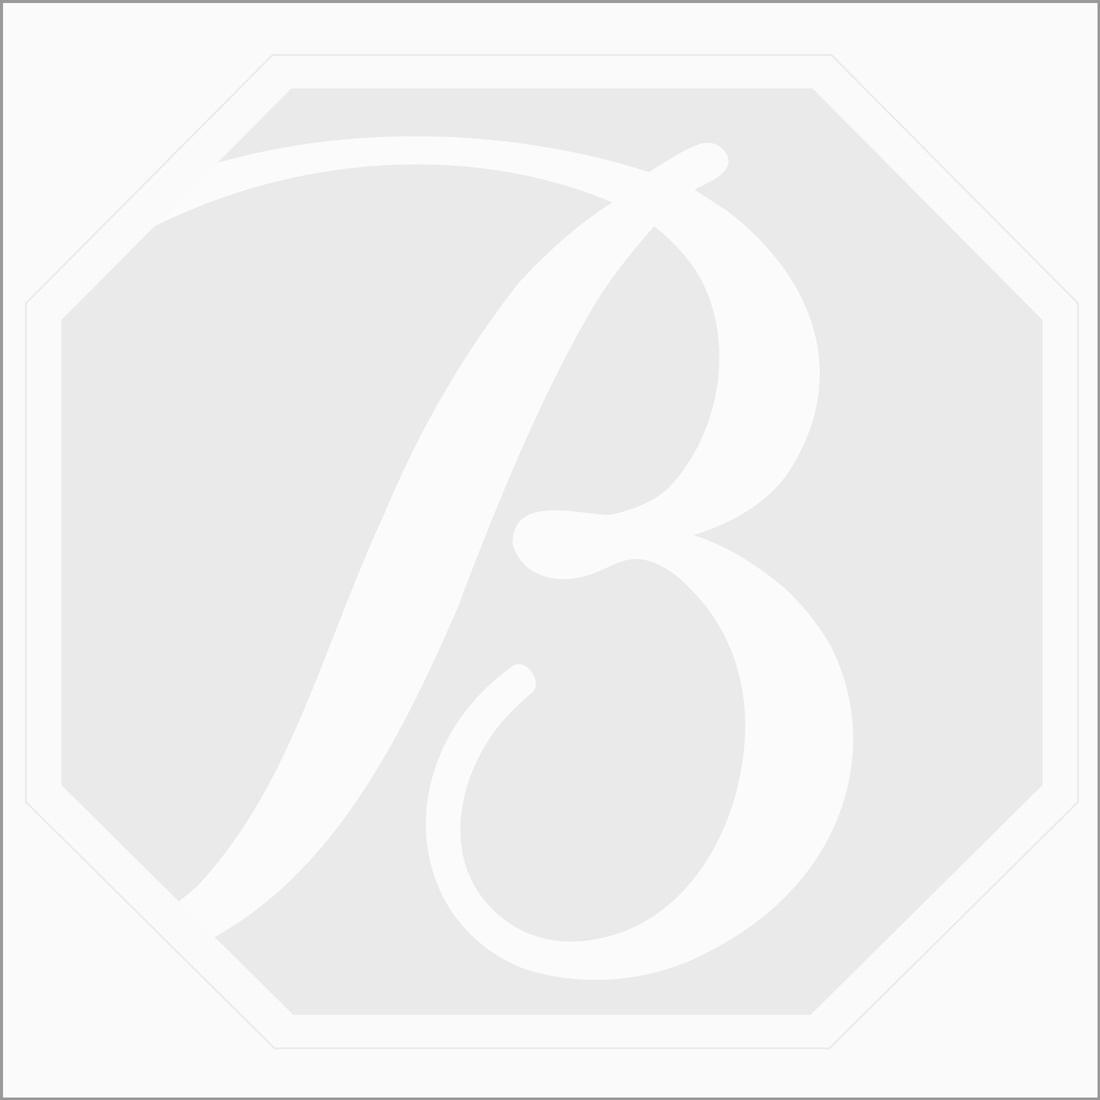 2 Pcs - Dark Green Tourmaline Rose Cuts - 18.47 ct. - 20.5 x 16.4 x 3.4 mm & 20.7 x 15.3 x 3.8 mm (TRC1008)